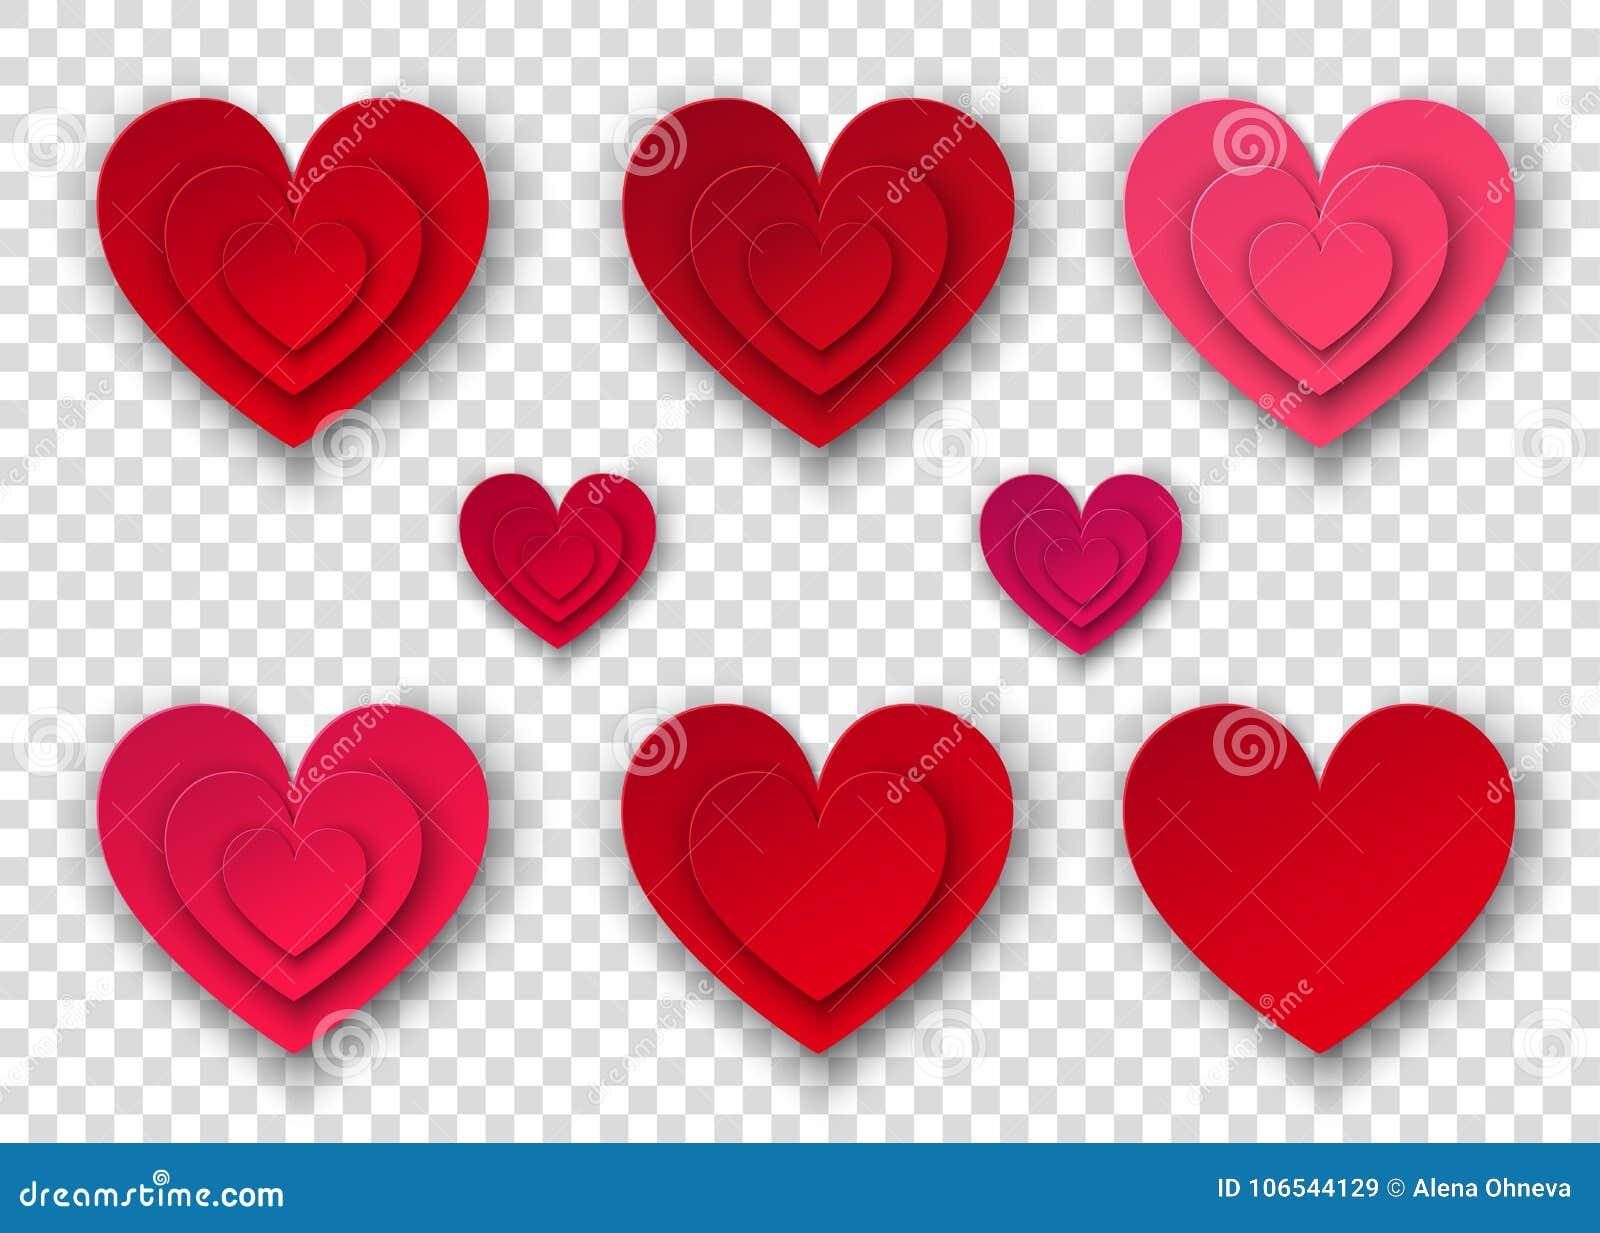 Corazones Con Fondo Transparente Heart Imágenes De